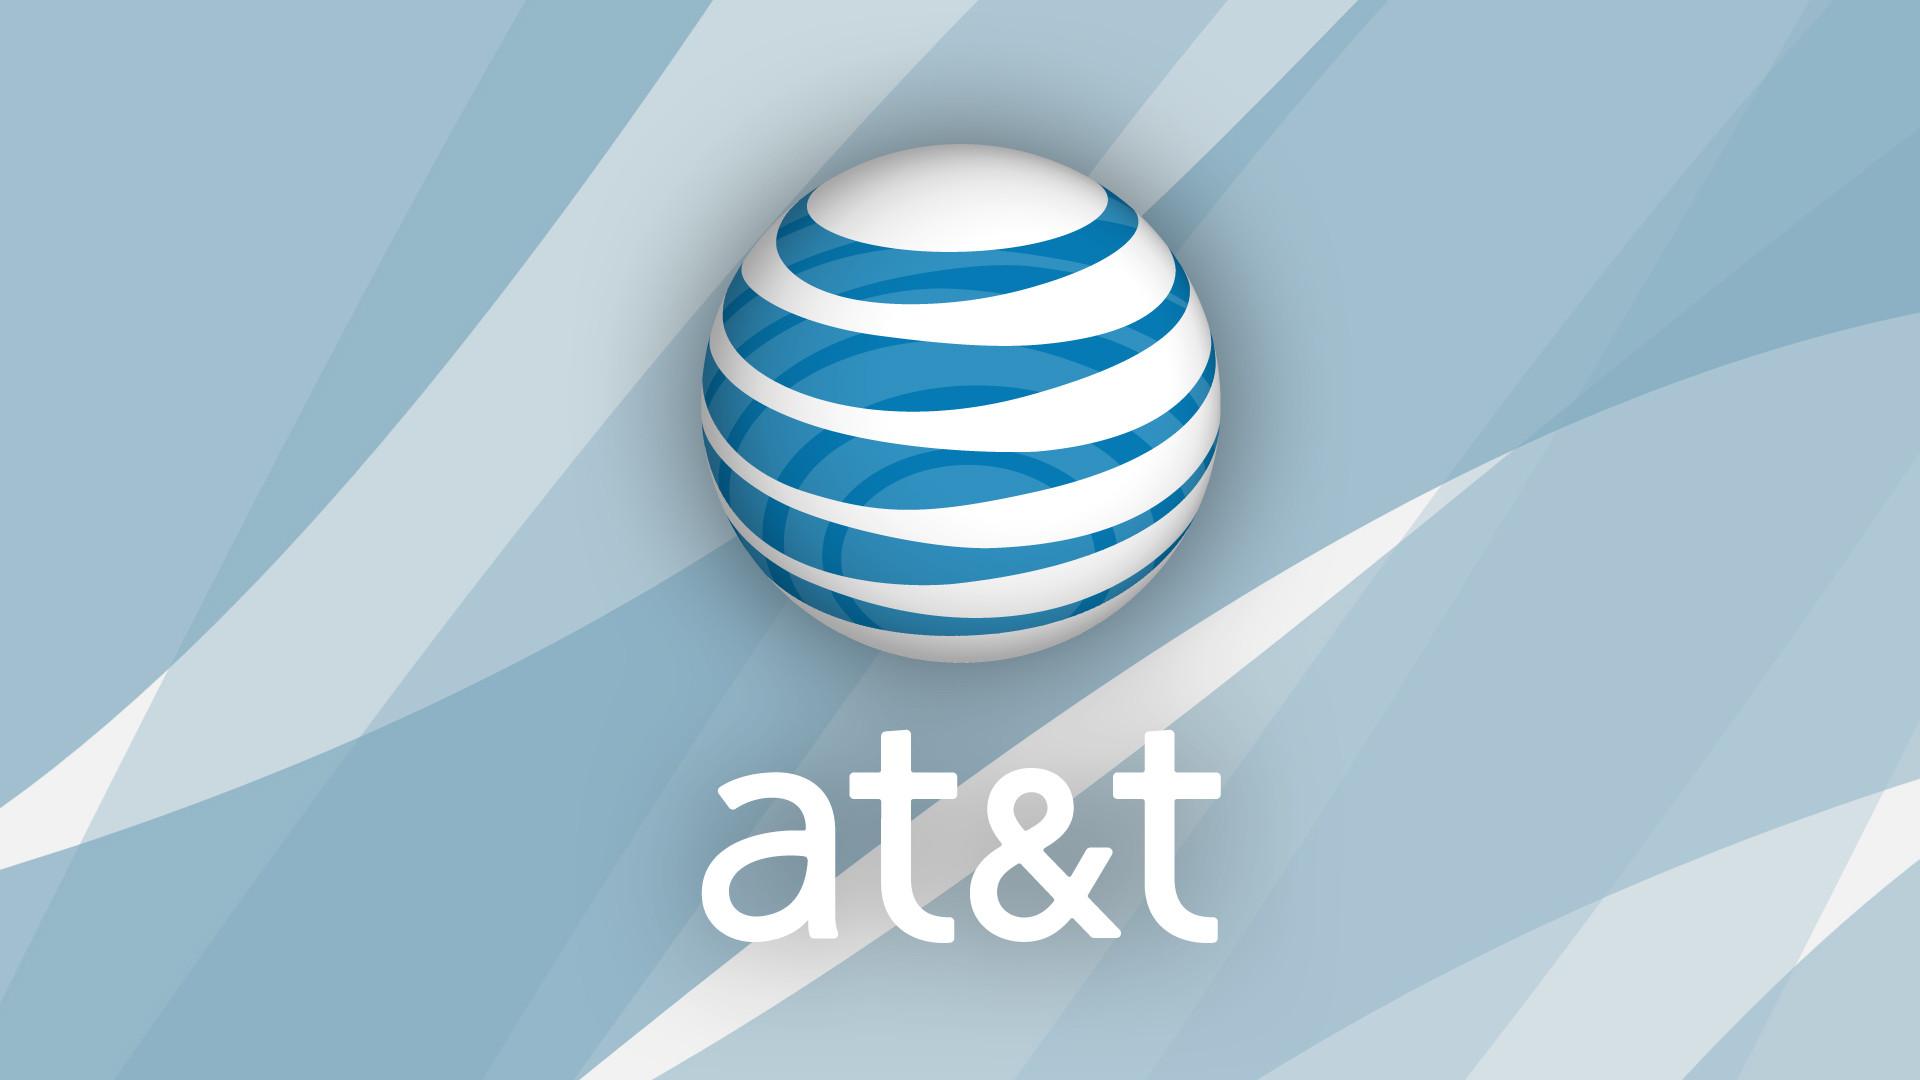 AT&T возвращается к телеком-бизнесу